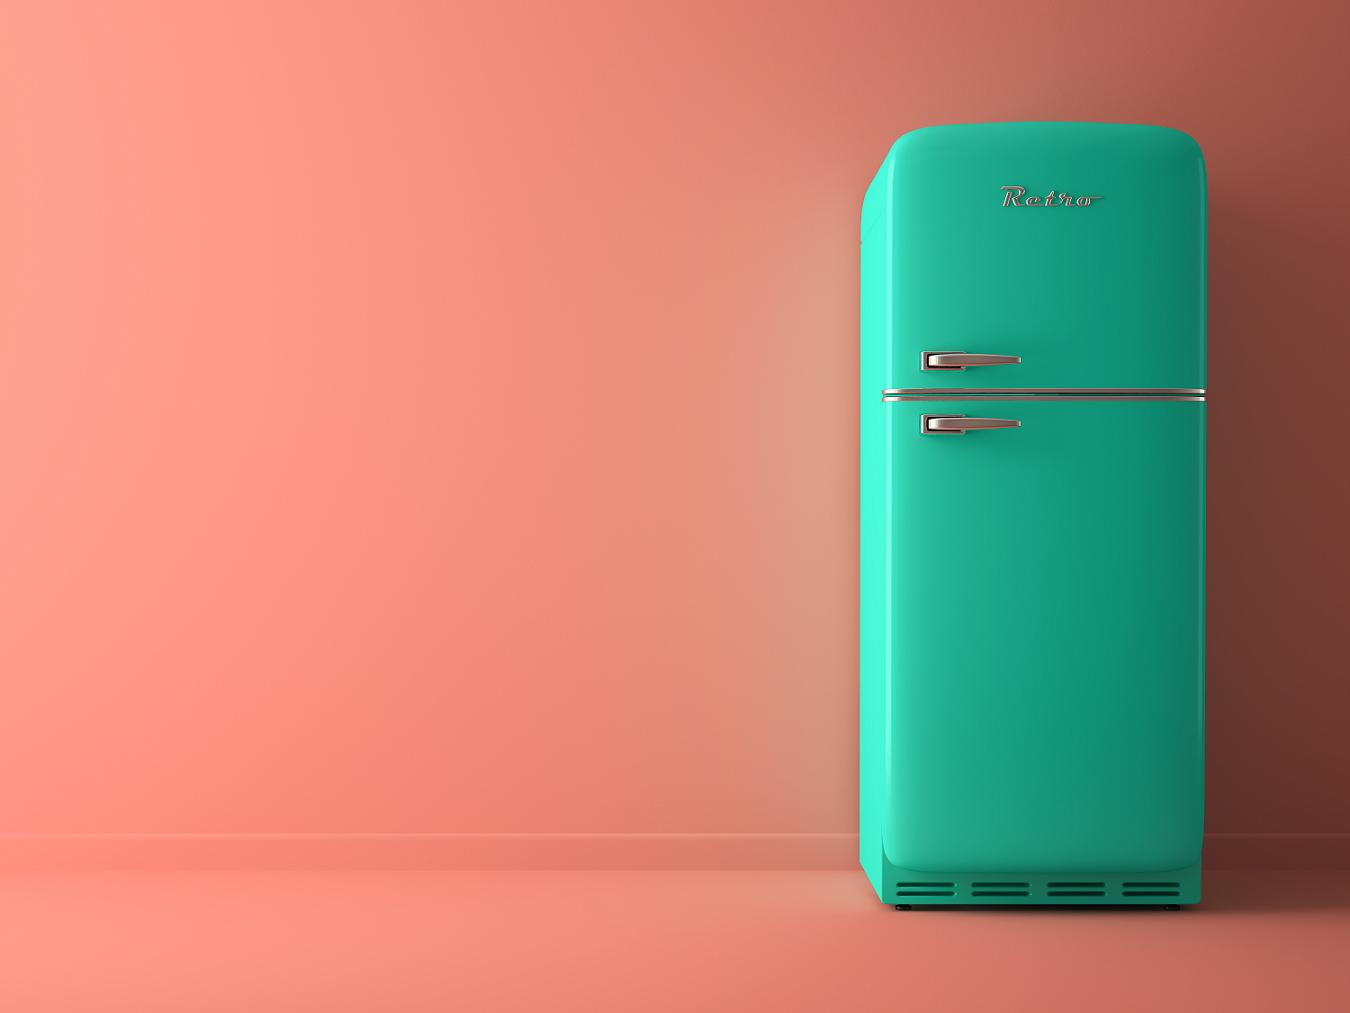 Jak wysłać lodówkę kurierem?